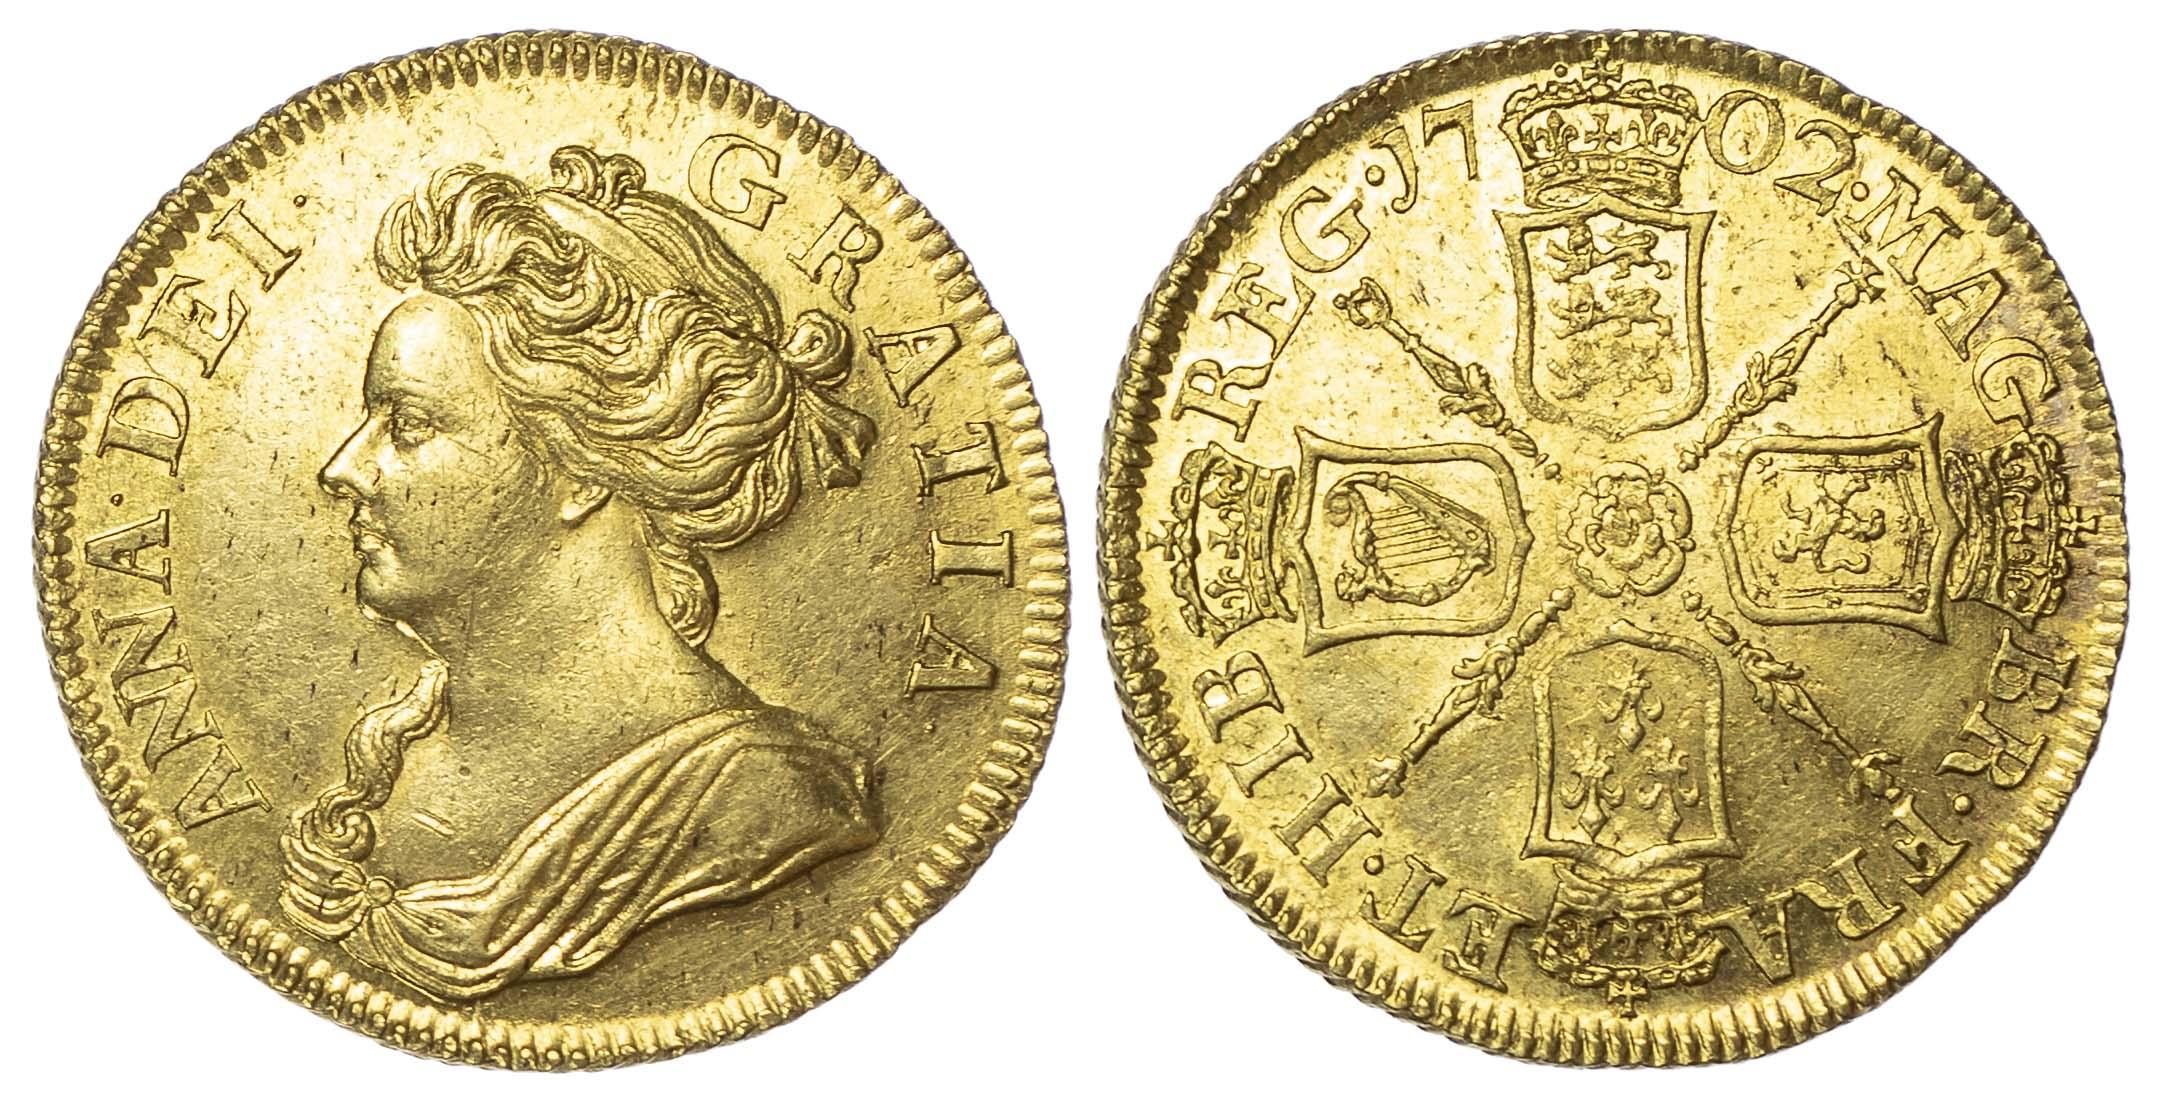 Anne (1702-1714), Pre-Union, Guinea, 1702